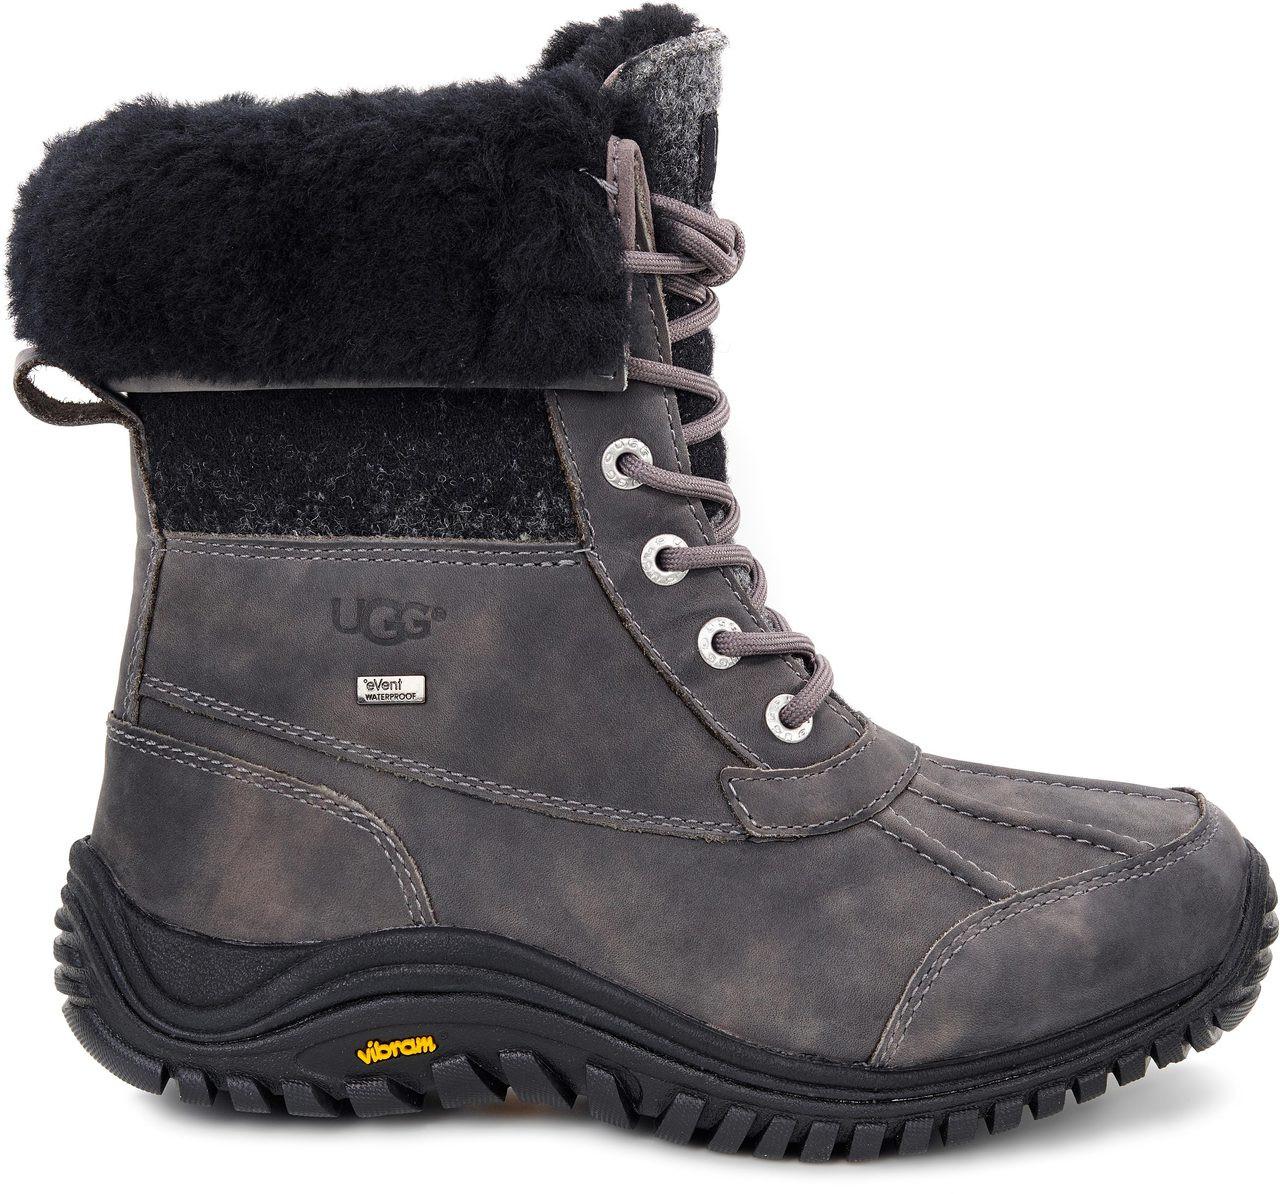 UGG Women's Adirondack Boot II